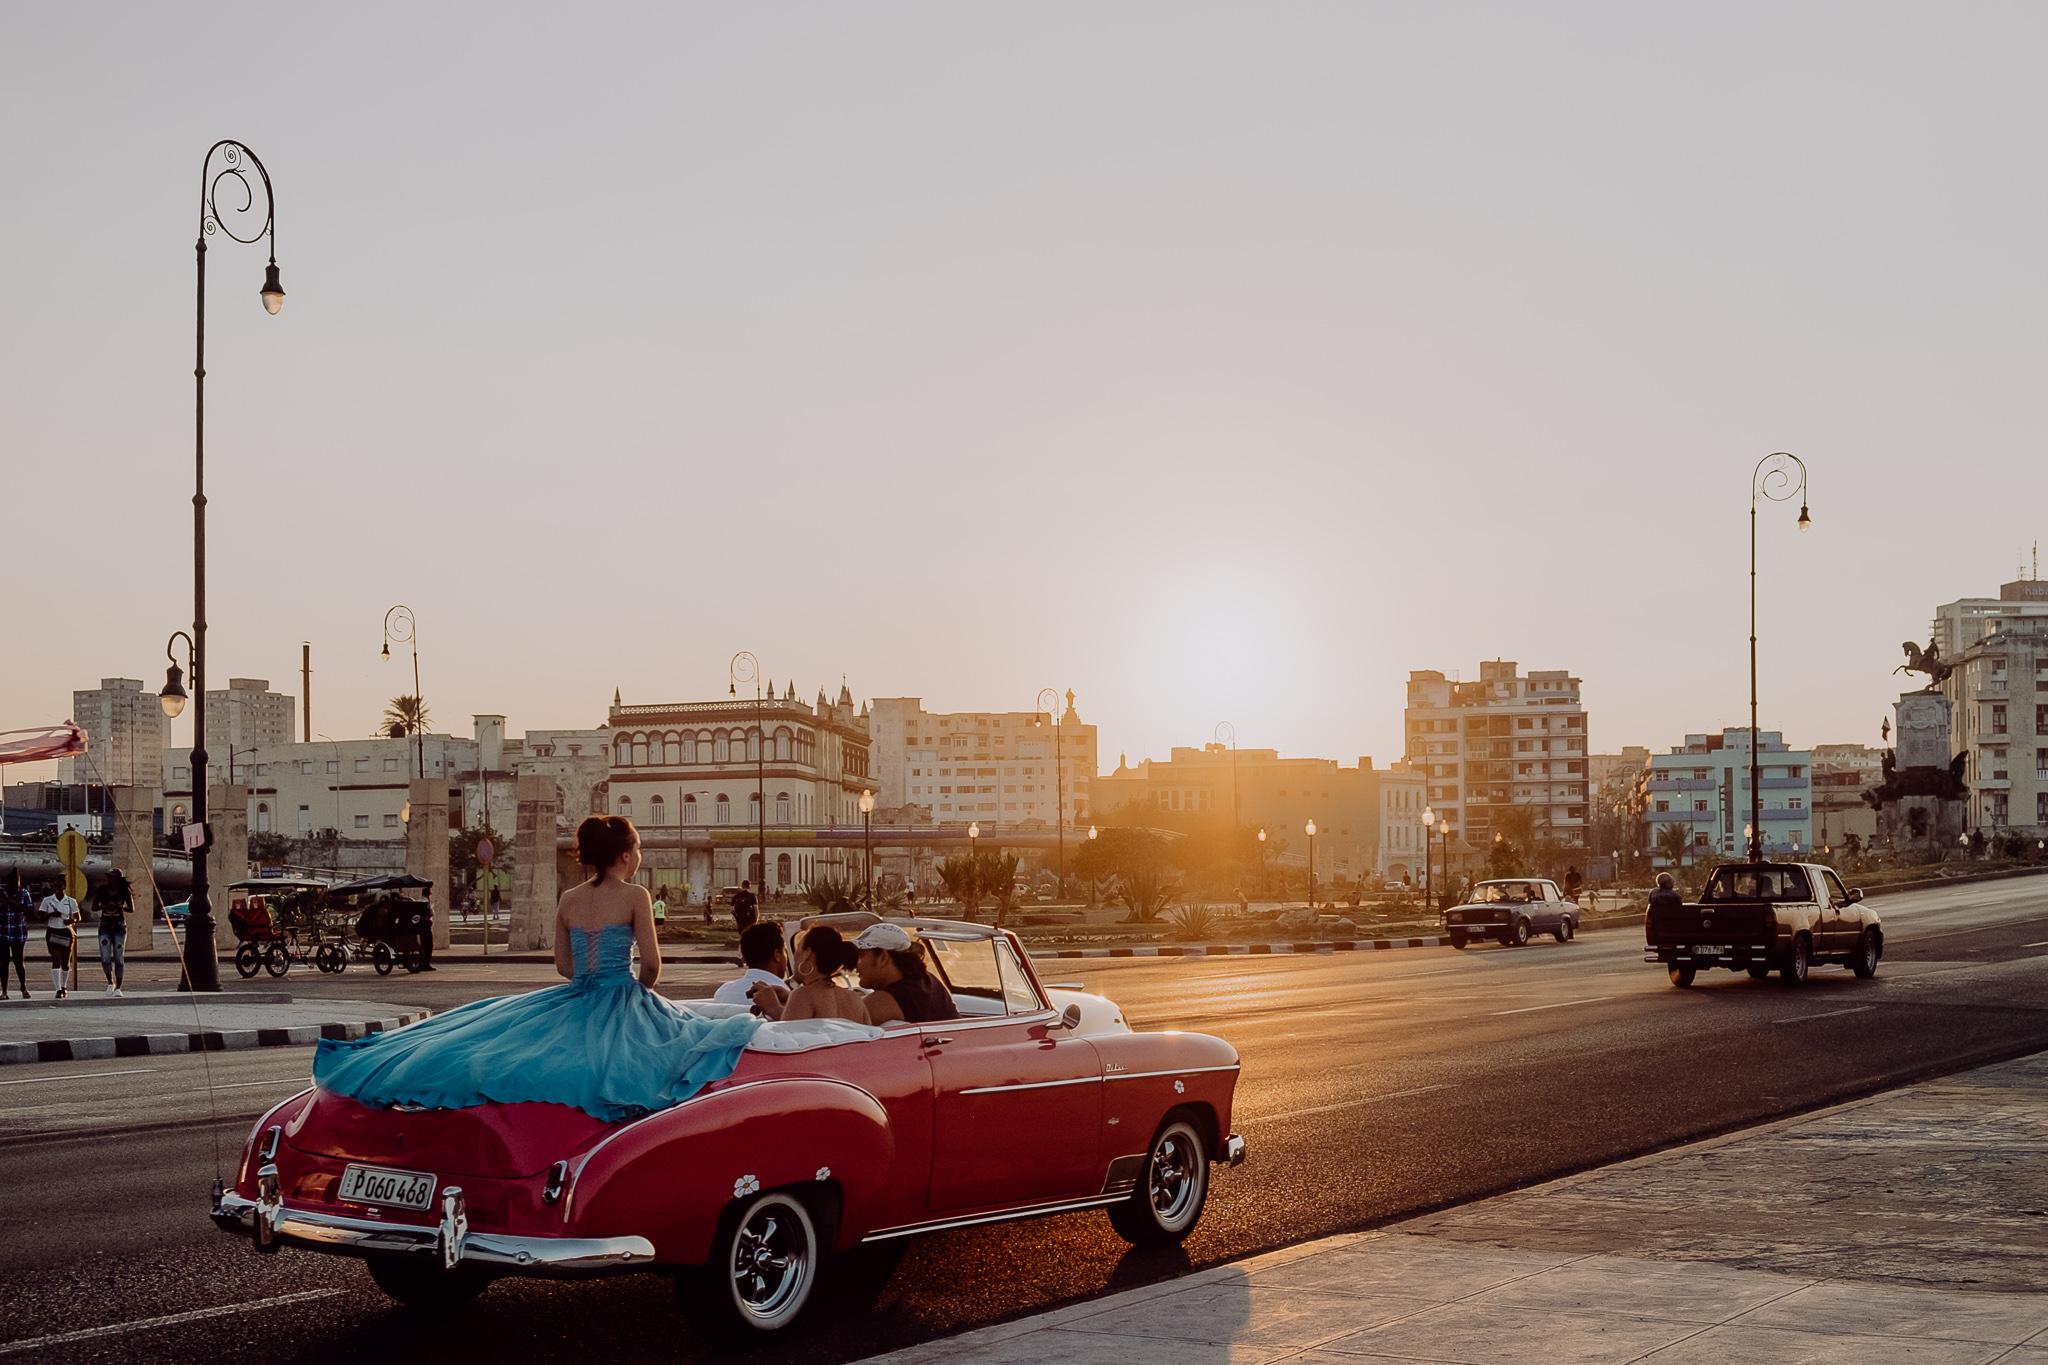 Cuba-2017-12-Havana-1232.jpg